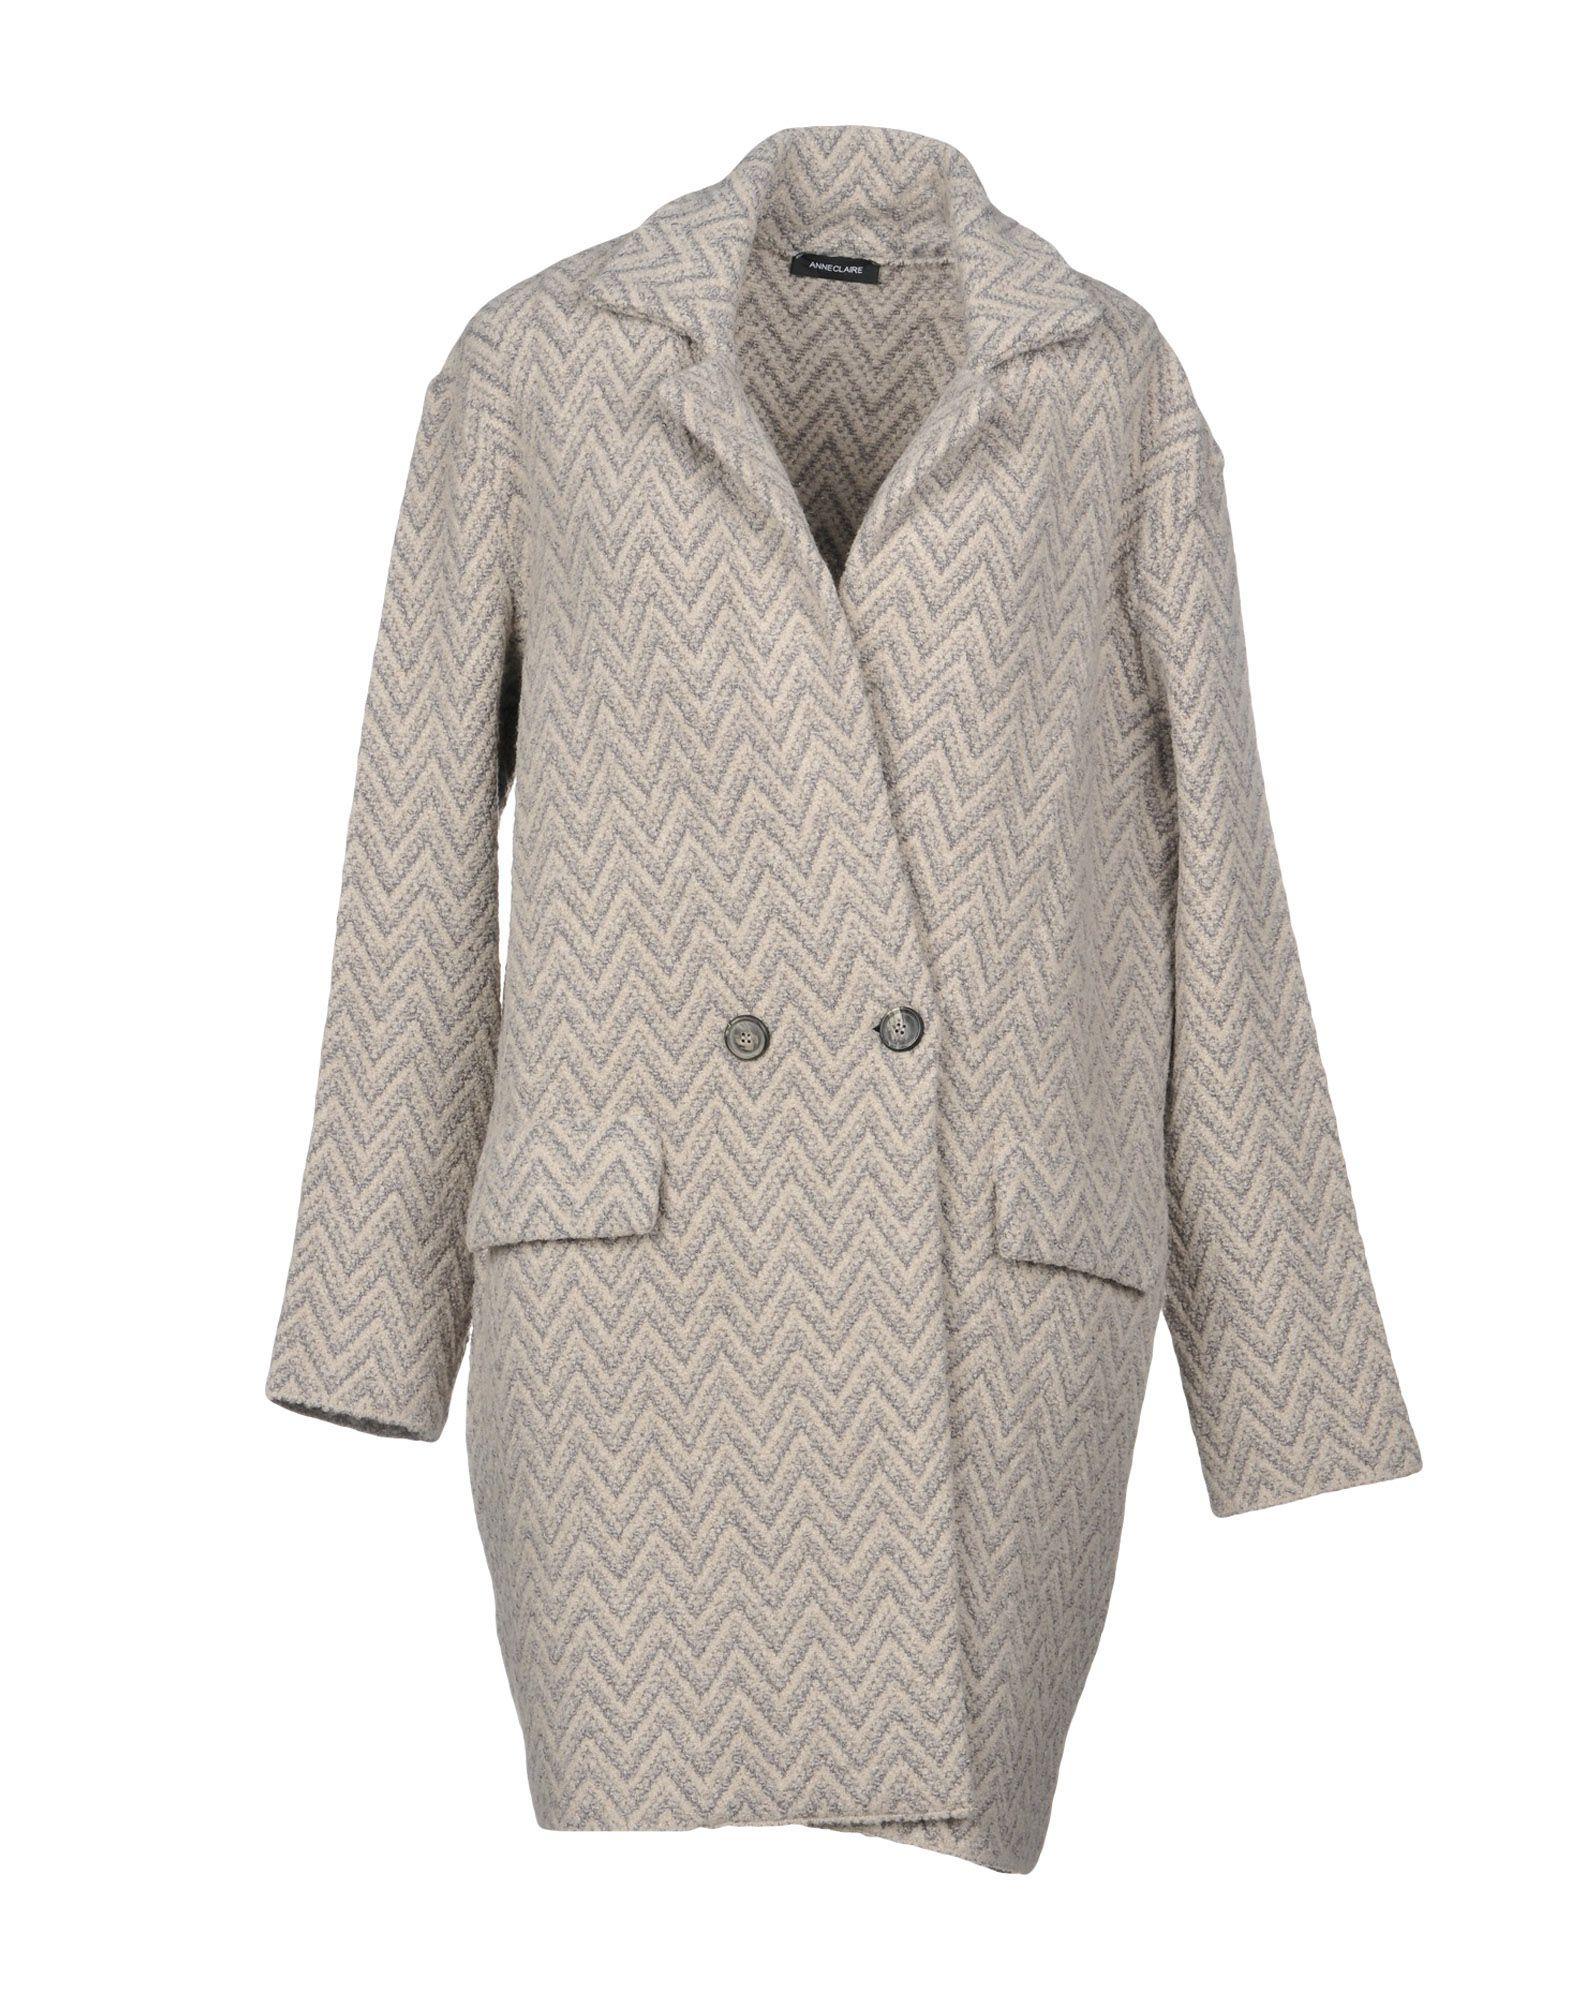 ANNECLAIRE Coat in Grey